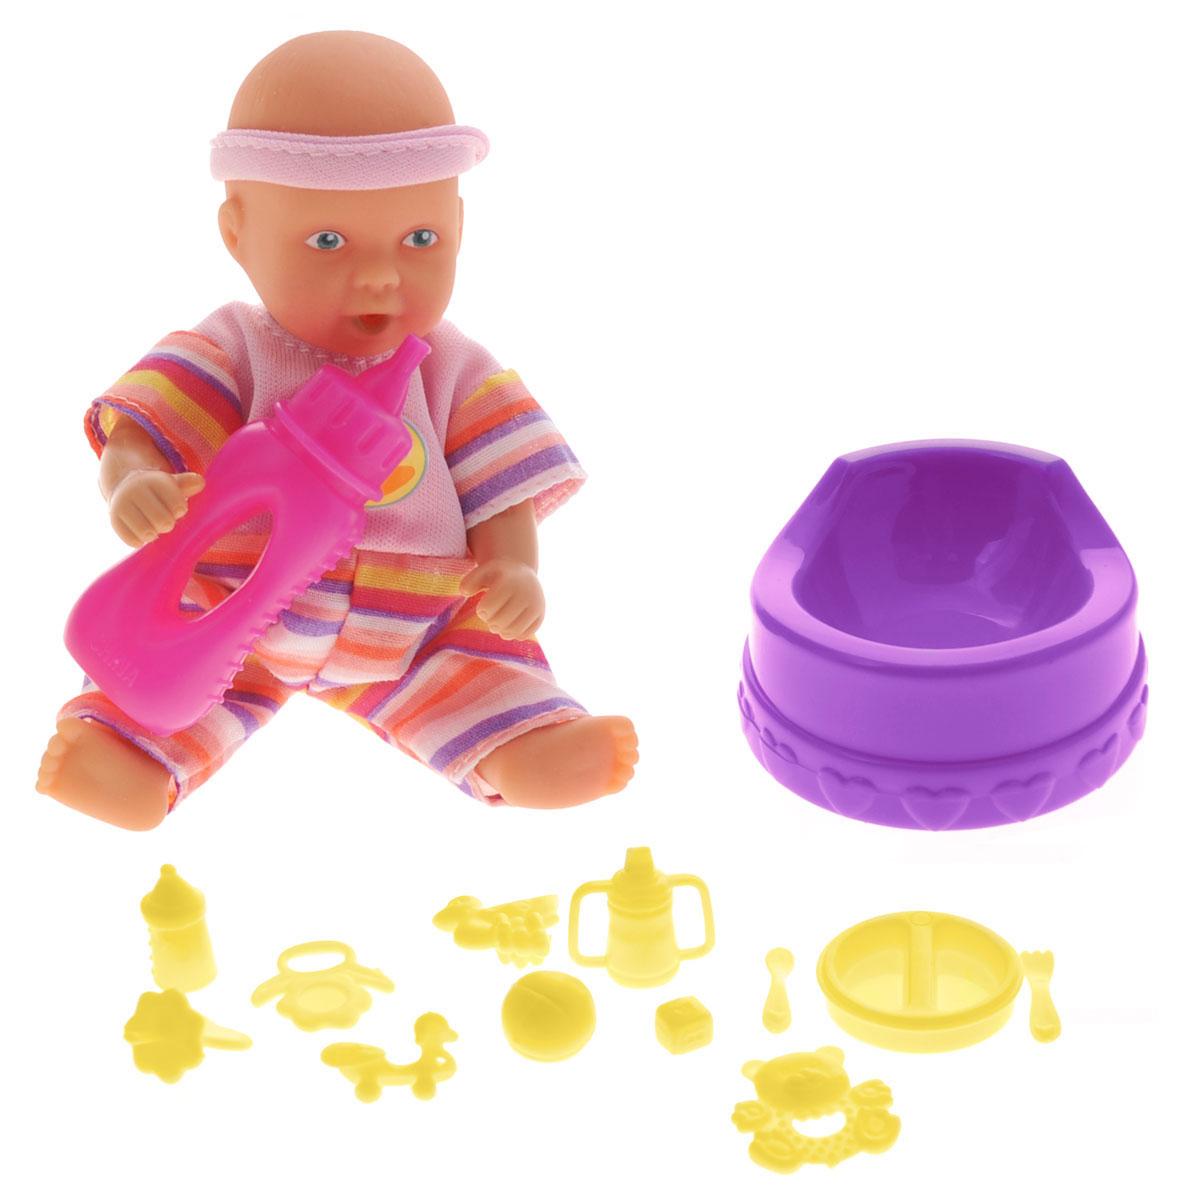 Simba Пупс Mini New Born Baby цвет бутылочки розовый5033195_розовыйПупс Simba Mini New Born Baby непременно приведет в восторг вашу дочурку. Кукла выполнена из высококачественного пластика. В набор входят: пупс, бутылочка, горшок, посуда, 2 погремушки, 2 поильника, соска и различные игрушки. Куколка пьет и писает, совсем как настоящий малыш! Просто напоите ее из входящей в набор бутылочки, и через некоторое время пупс пописает. Руки, ноги и голова куклы подвижны, что позволяет придавать ей разнообразные позы. Игры с куклой способствуют эмоциональному развитию, помогают формировать воображение и художественный вкус, а также разовьют в вашей малышке чувство ответственности и заботы. Великолепное качество исполнения делают этот набор чудесным подарком к любому празднику.